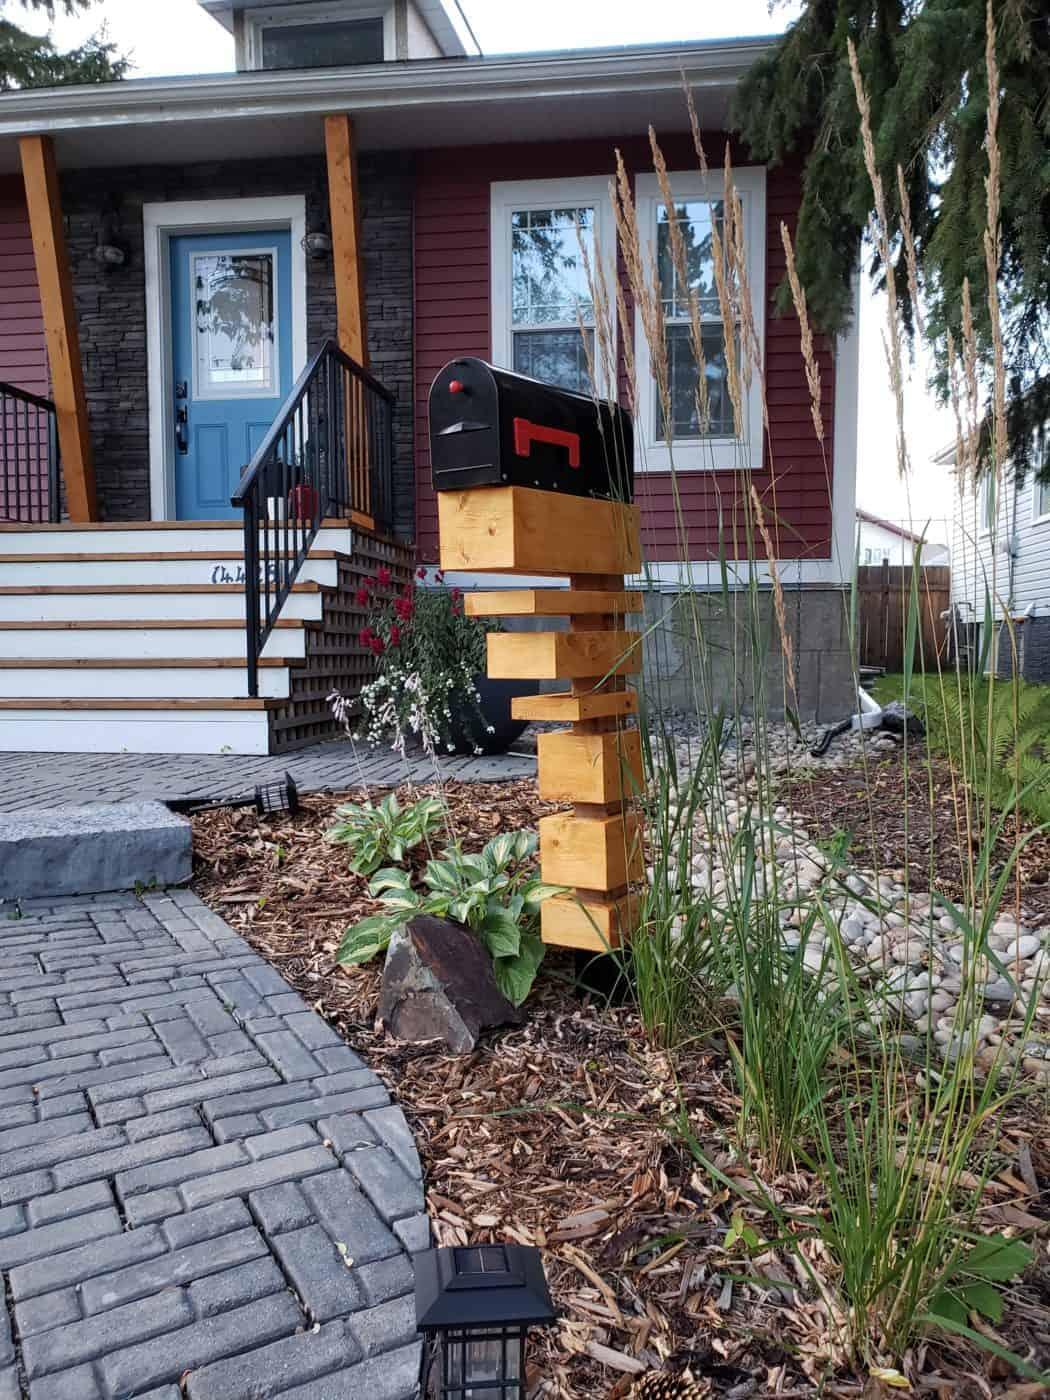 Contemporary art mailbox